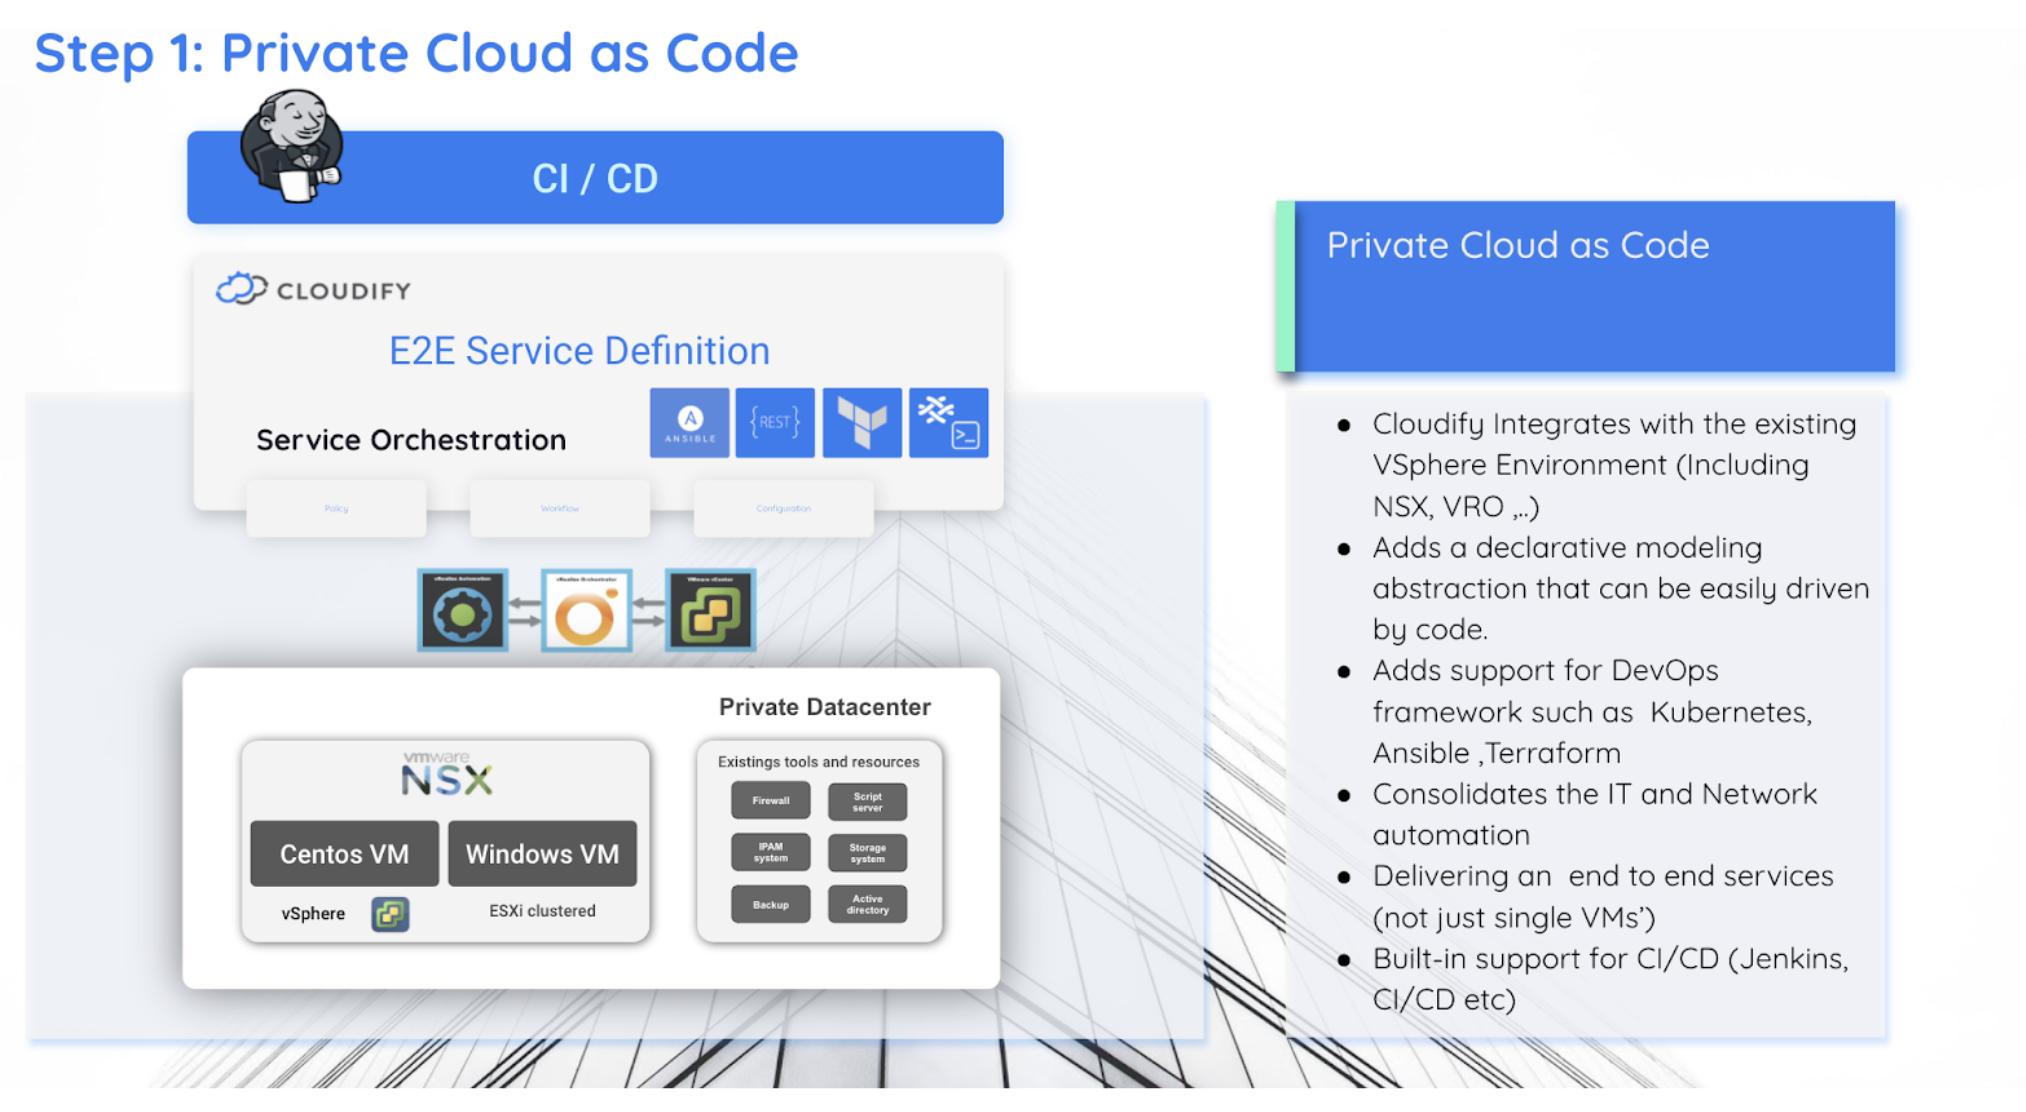 Cloudify - private cloud as a code